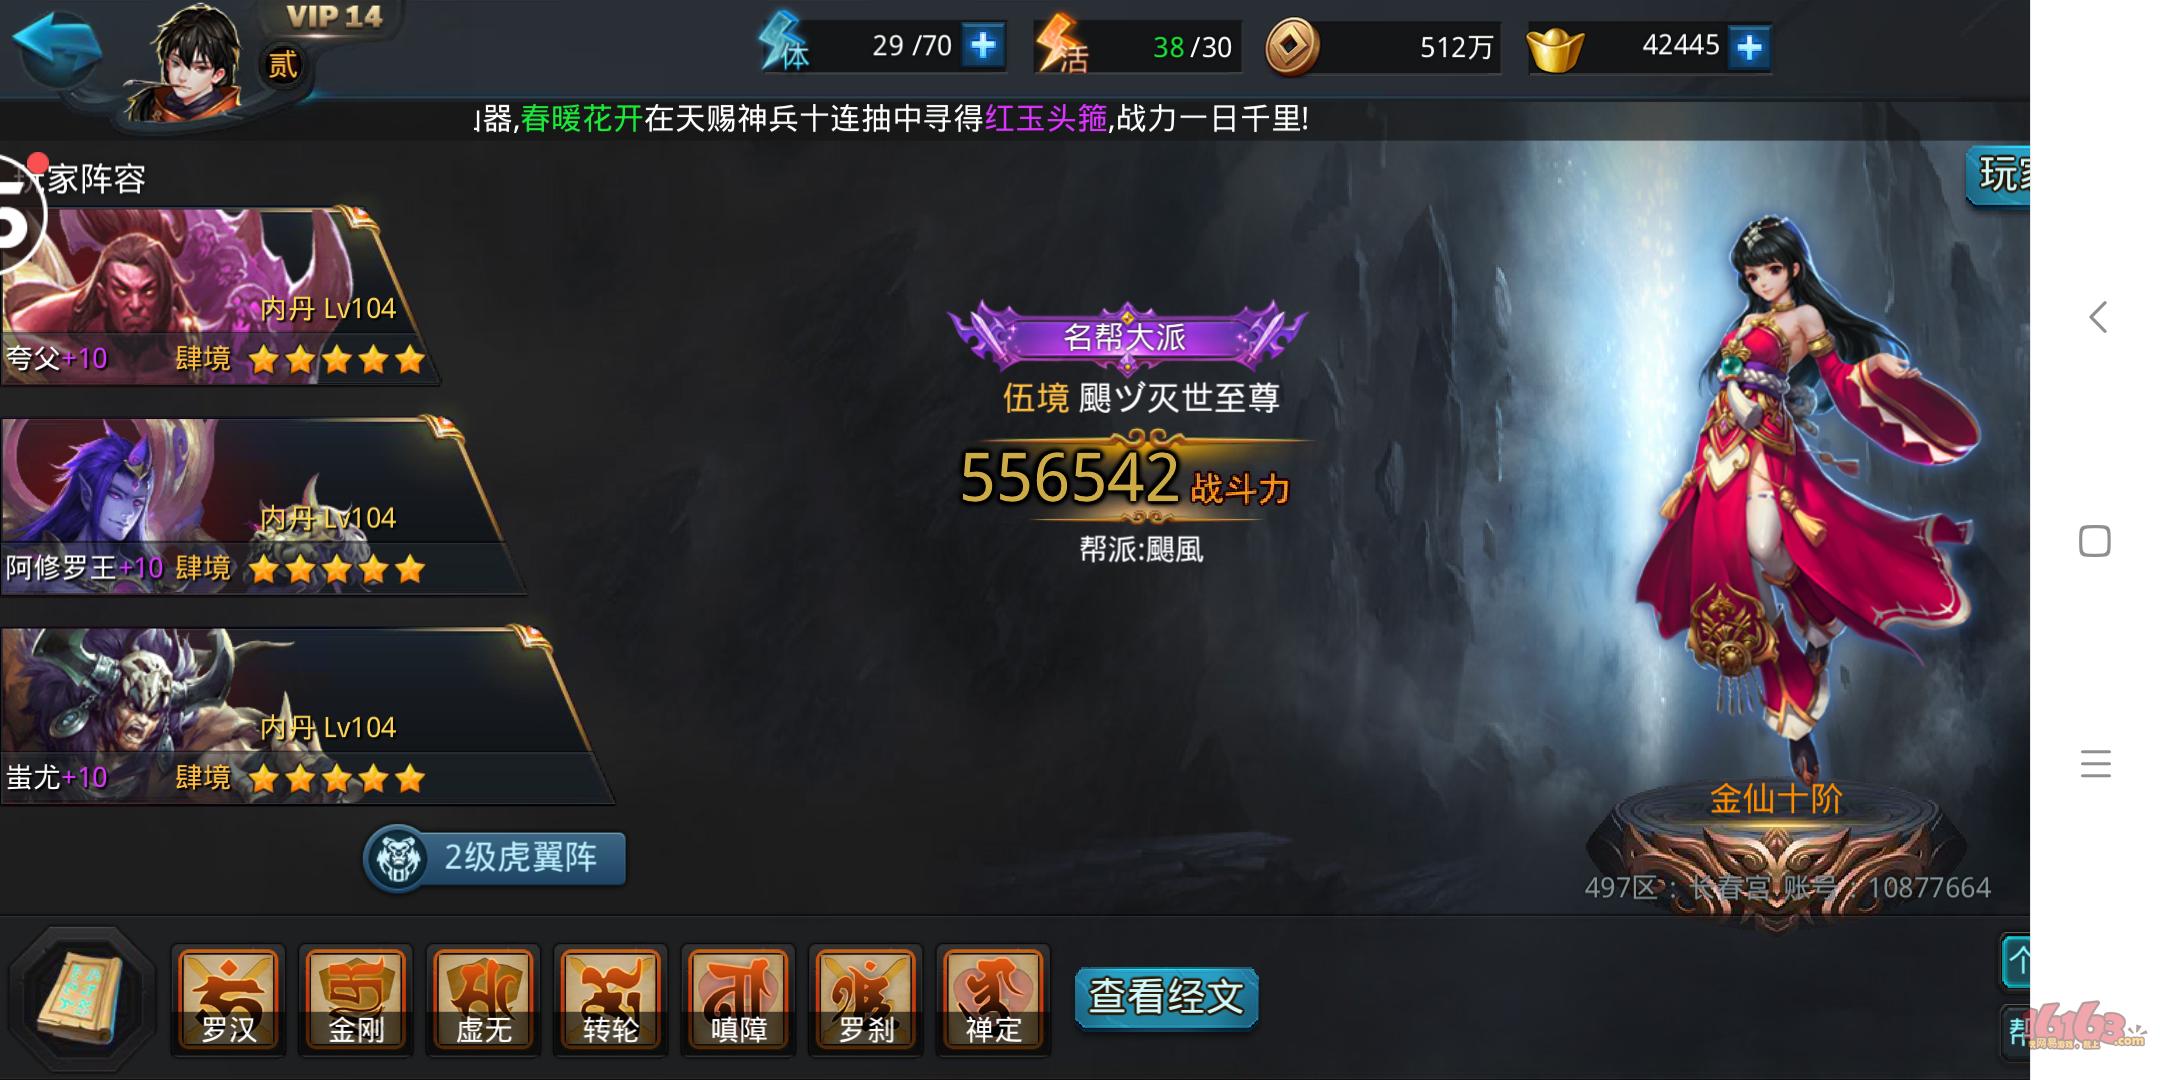 Screenshot_2018-07-11-15-14-17-690_com.netease.ldxy.qihoo.png